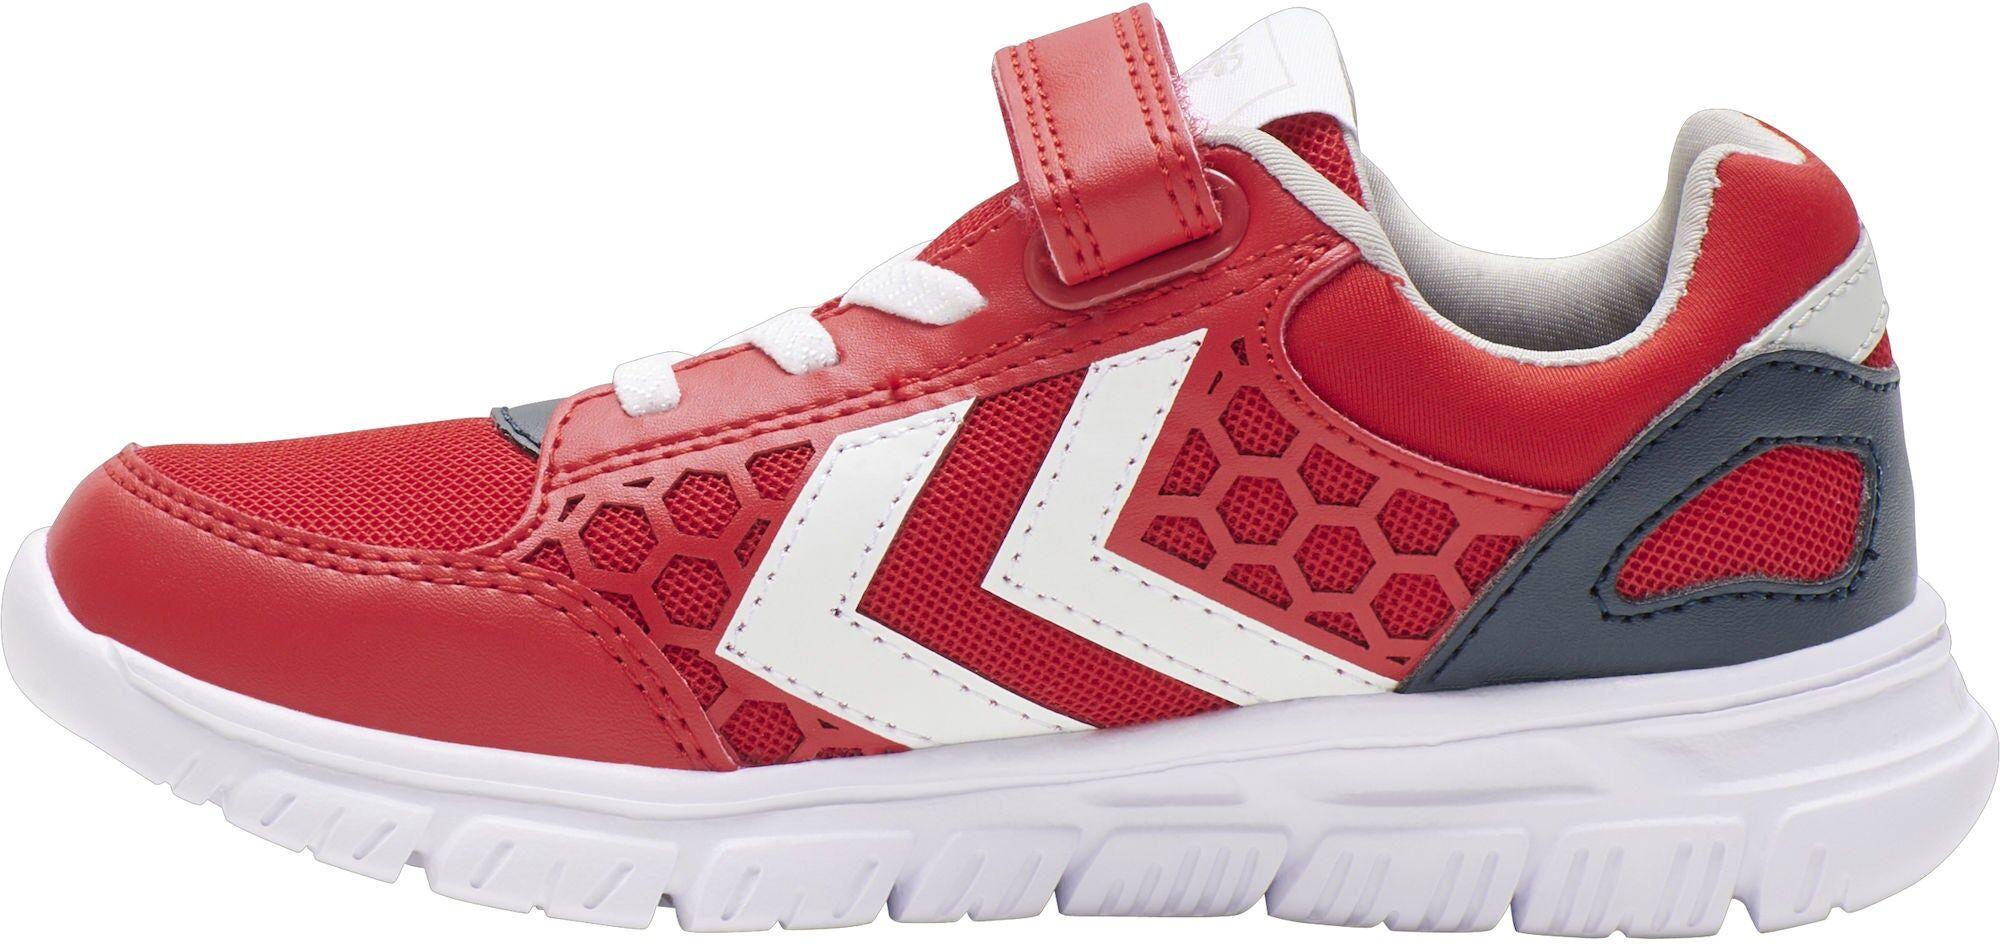 Hummel Crosslite Jr Sneaker, High Risk Red, 26